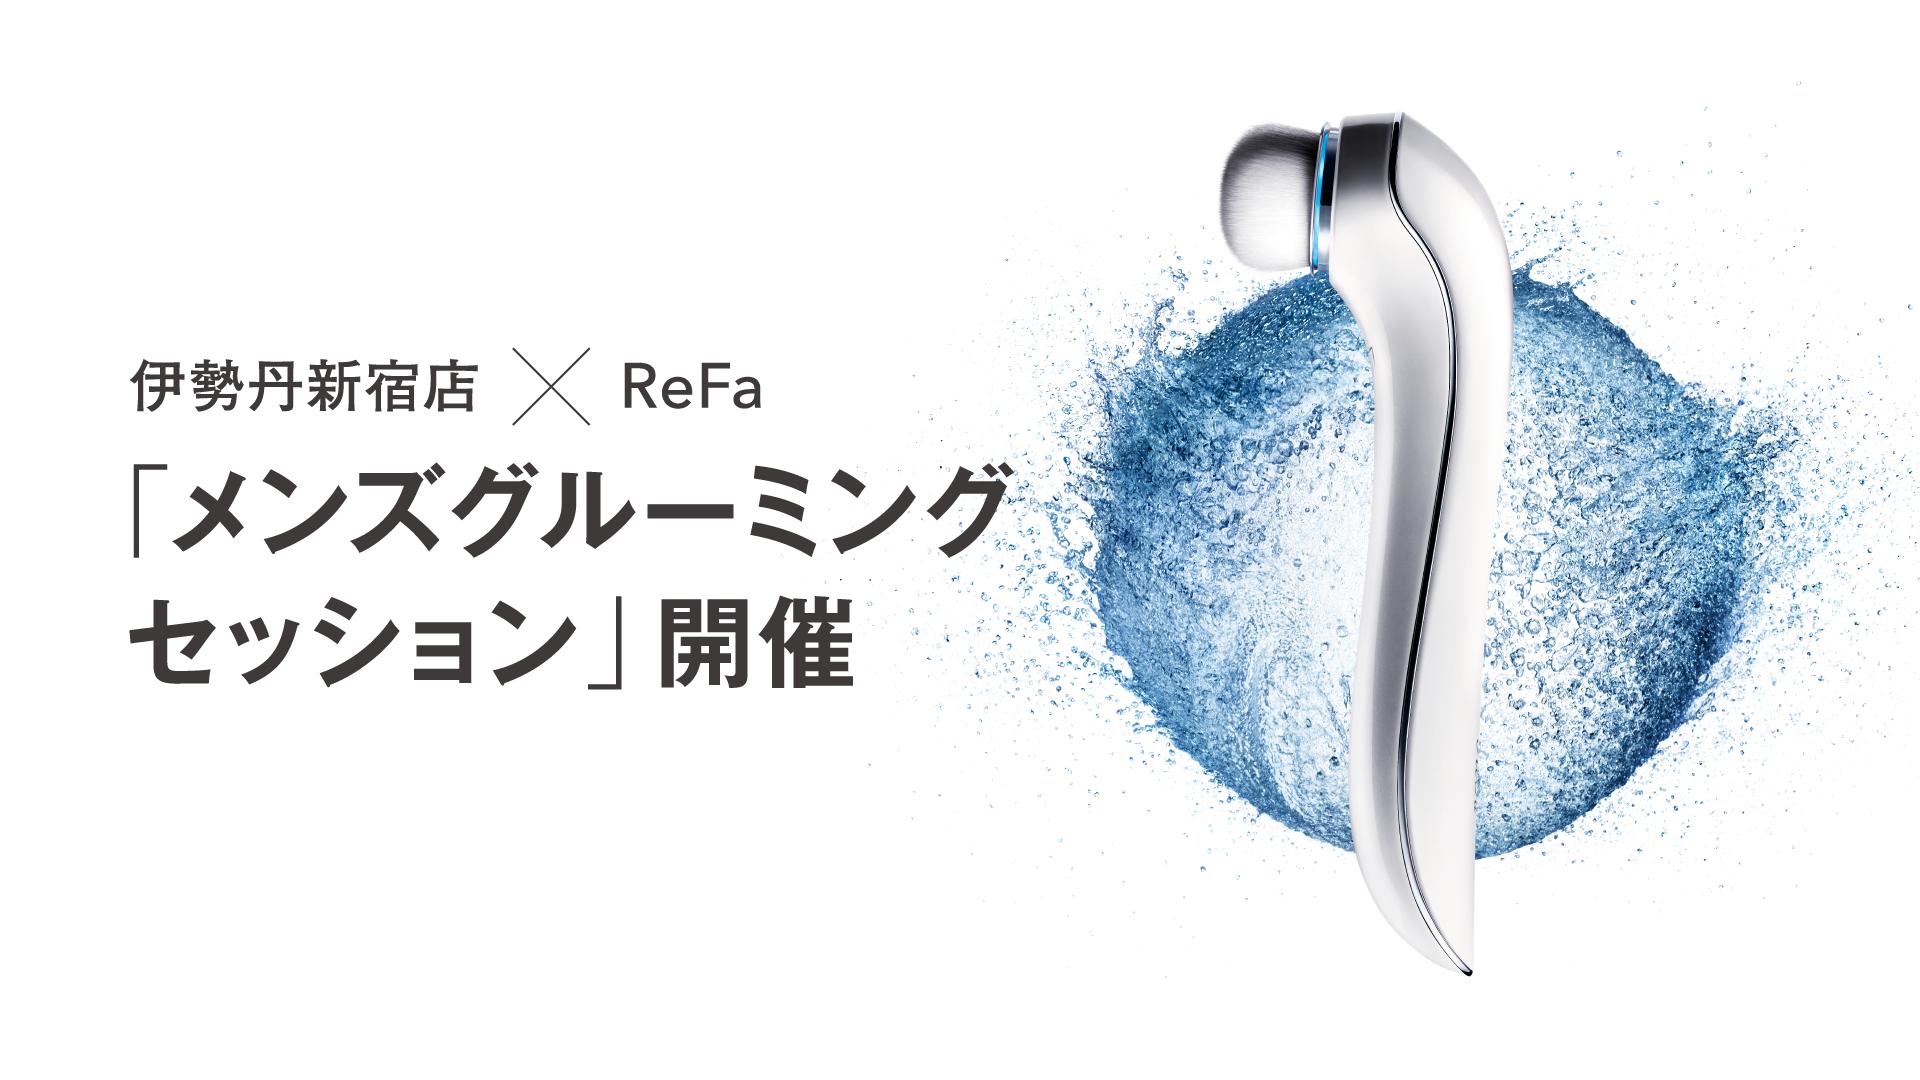 伊勢丹新宿店×ReFa 「メンズグルーミングセッション」開催します。